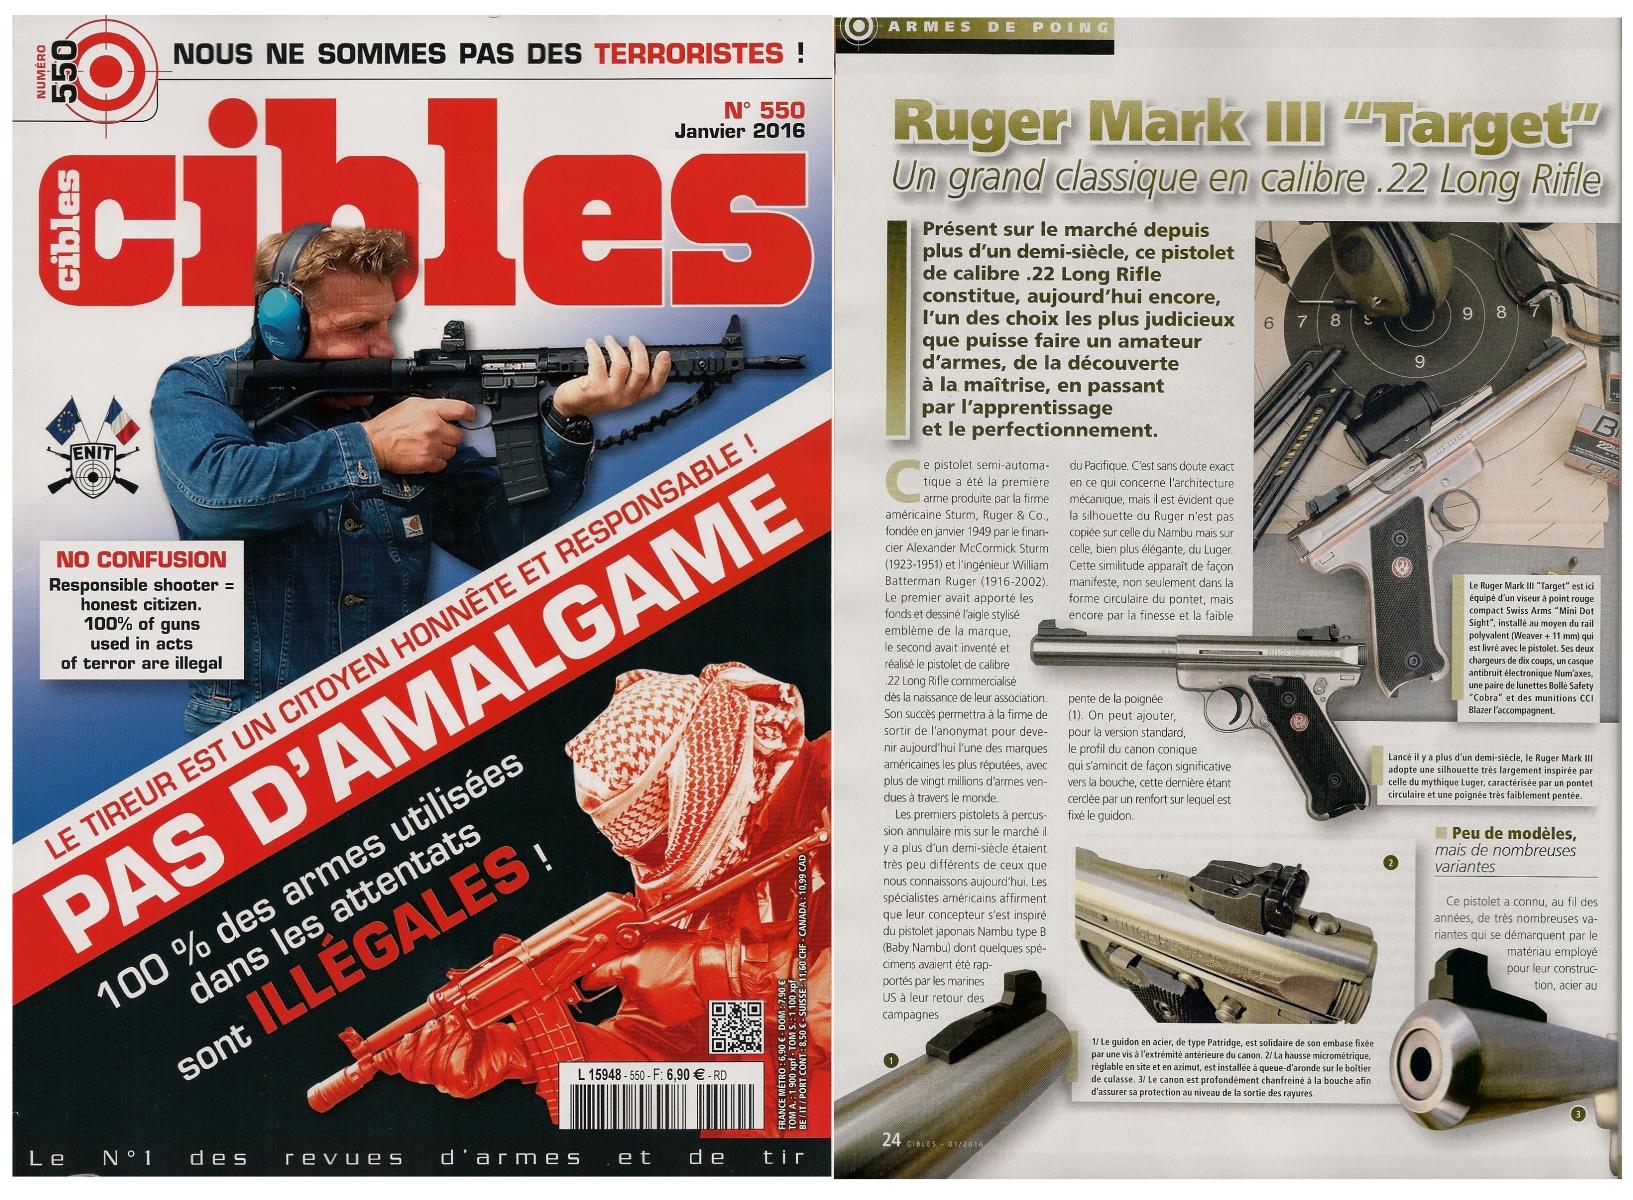 Le banc d'essai du pistolet Ruger Mark III « Target » a été publié sur 8 pages dans le magazine Cibles n°550 (janvier 2016).